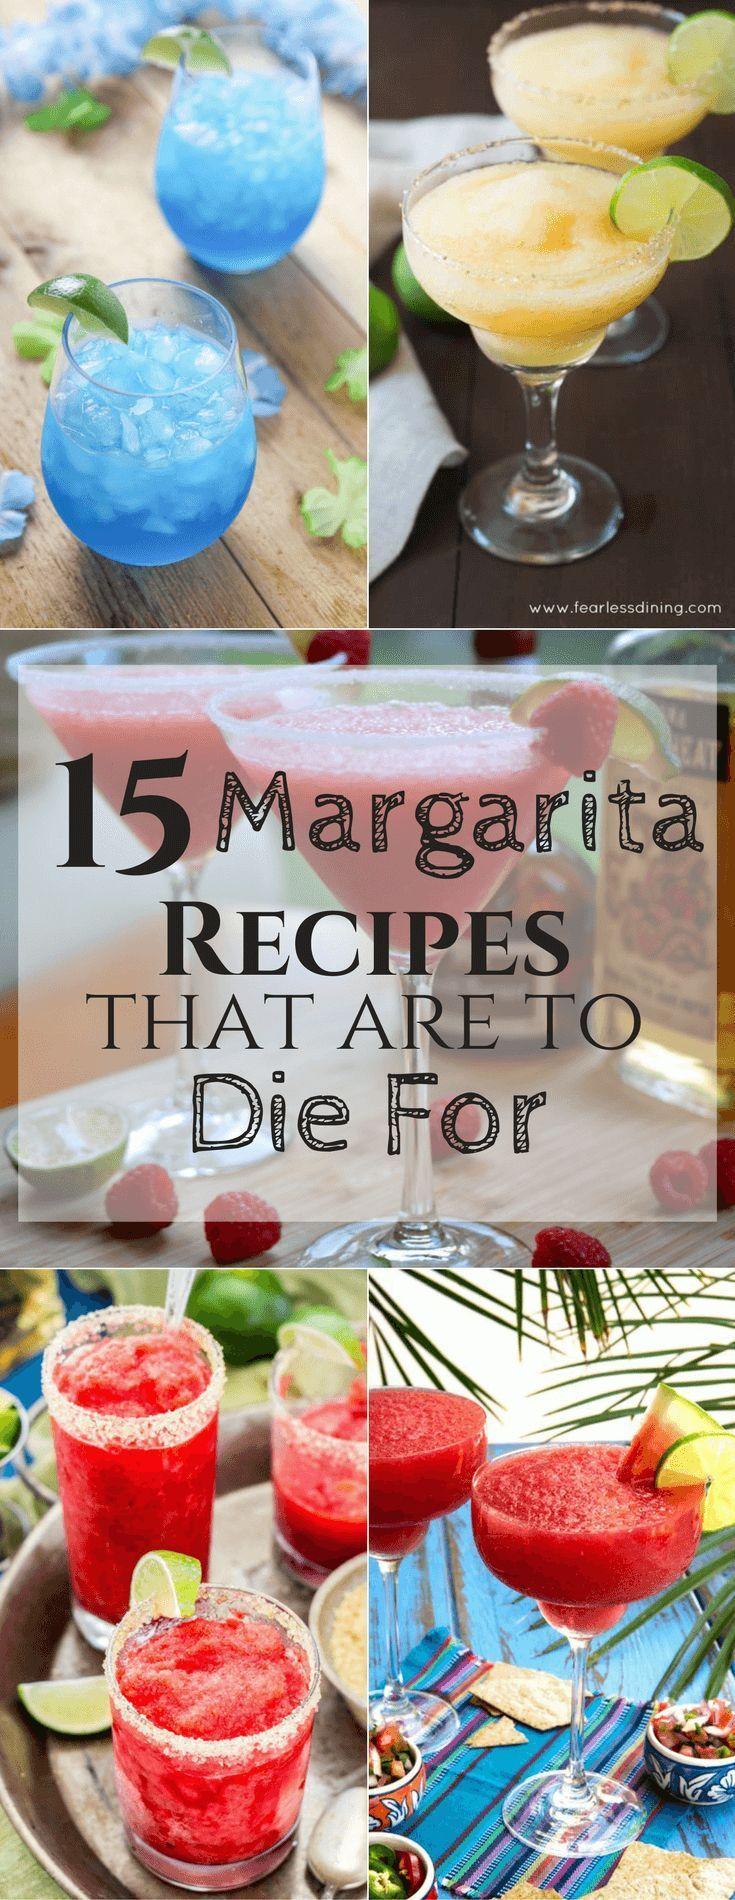 15 unique margarita recipes! Perfect summer cocktails.